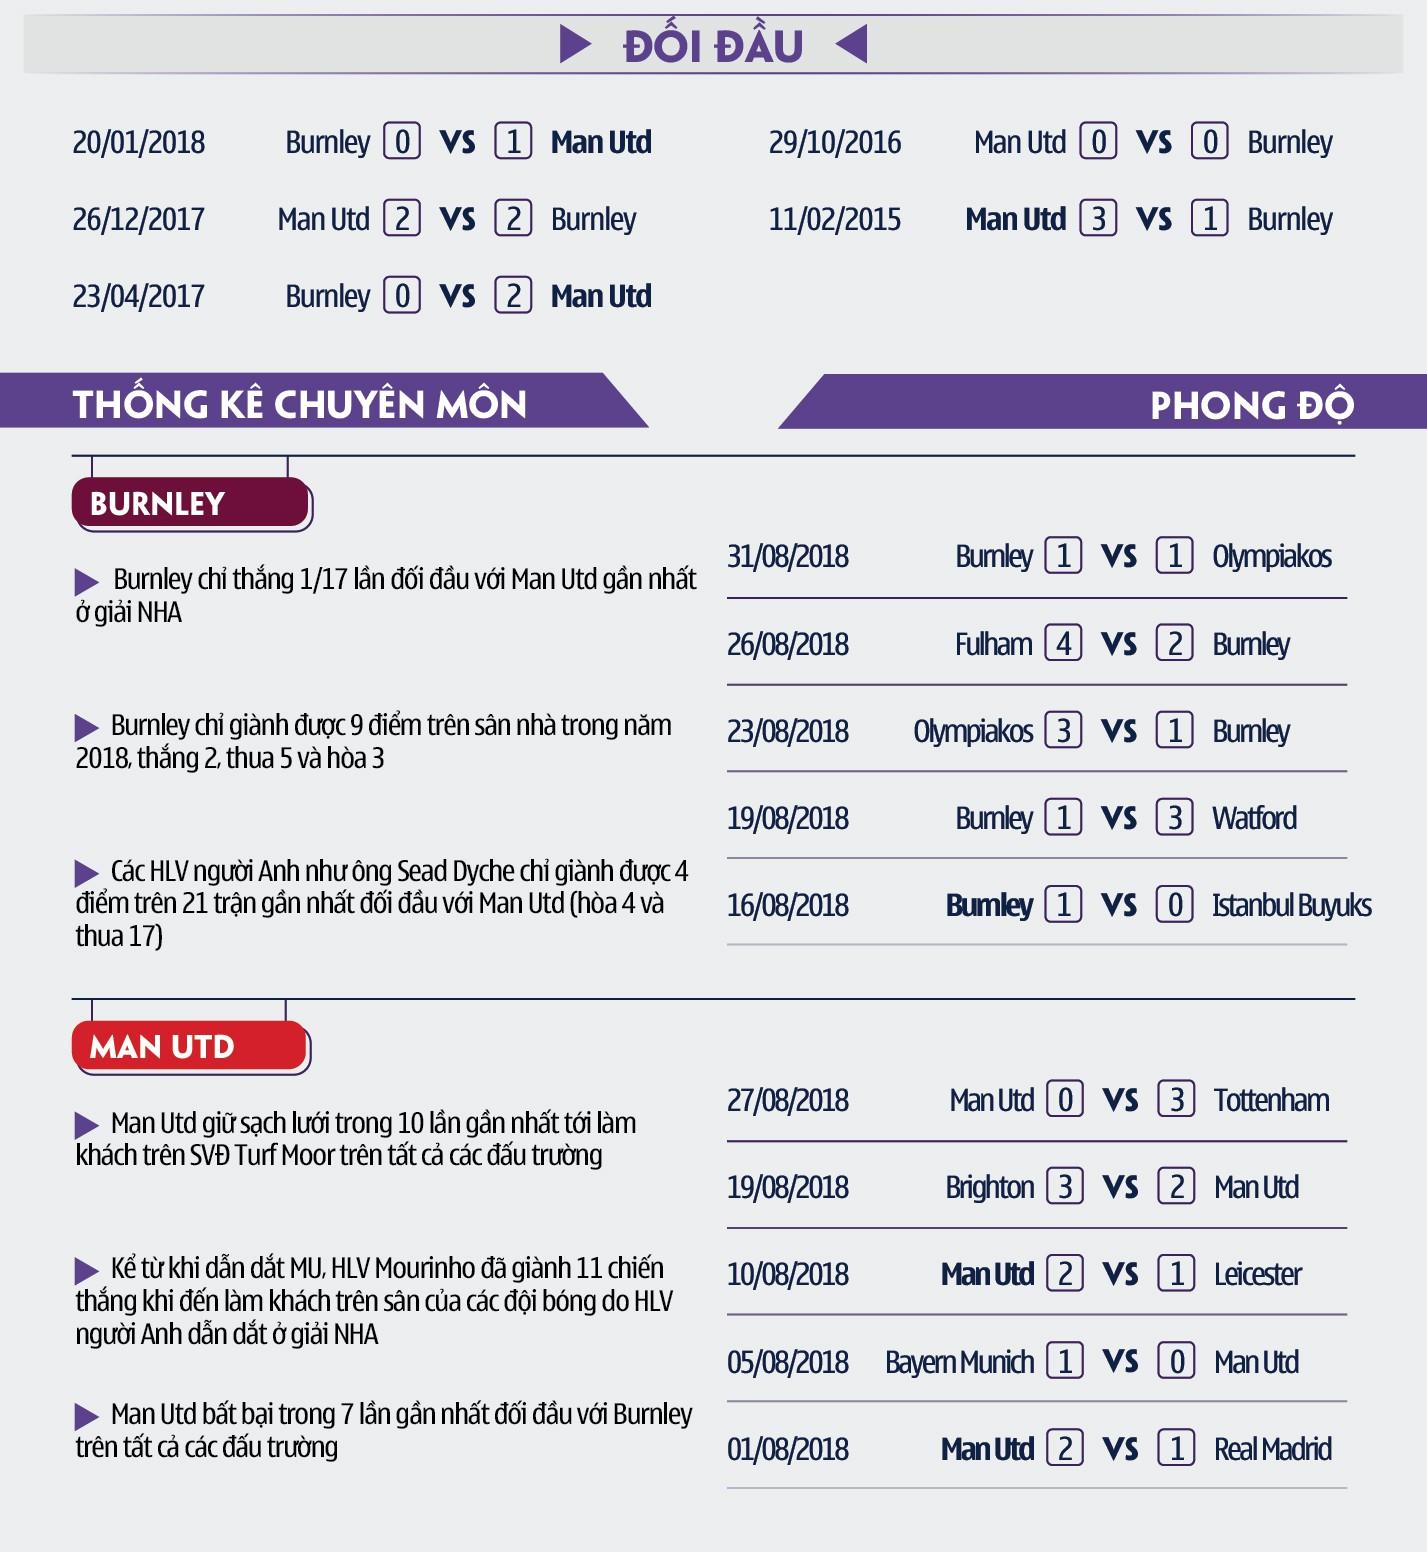 Cặp đôi vàng Sanchez - Lukaku sẽ cứu ghế HLV Mourinho bằng chiến thắng trước Burnley? - Ảnh 10.